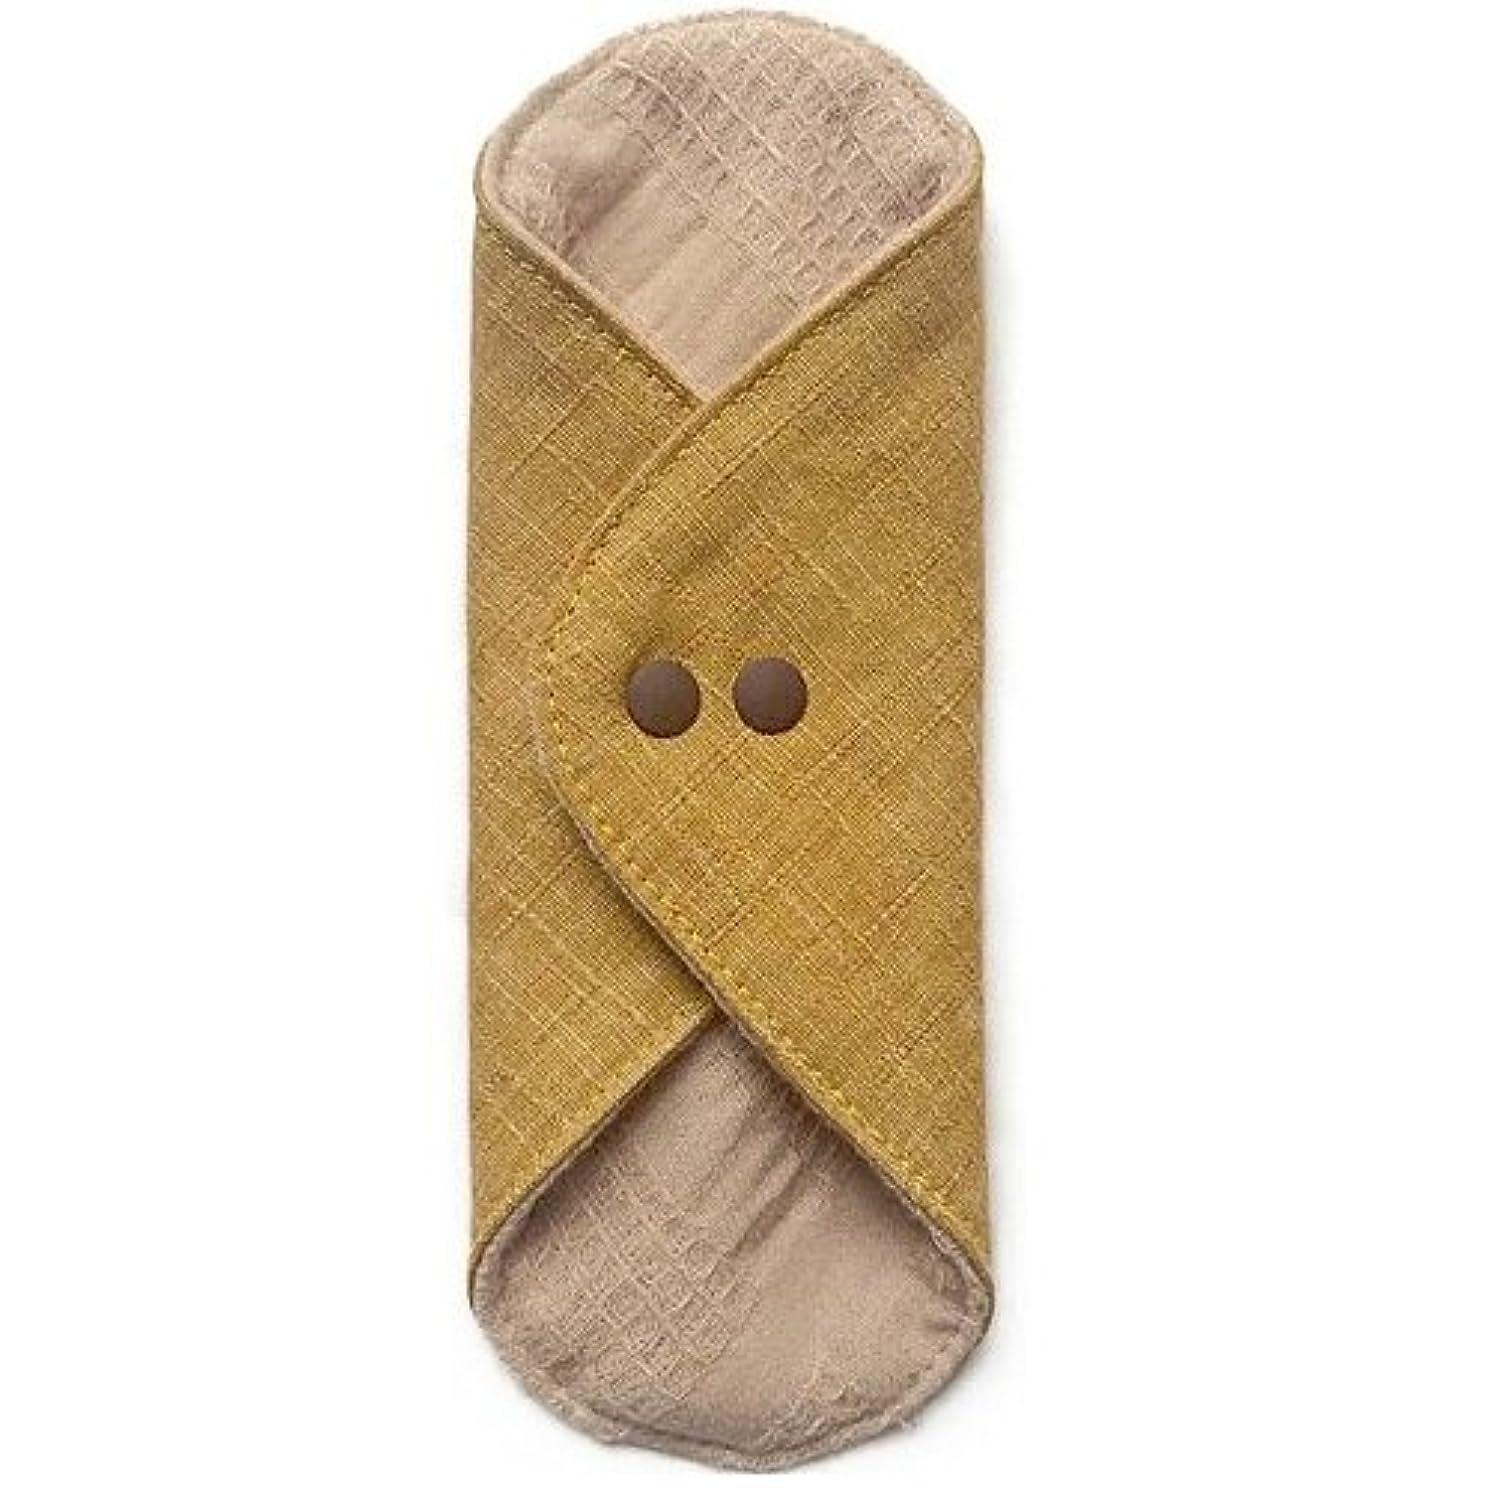 地下祈り行き当たりばったり華布のオーガニックコットンのあたため布 Mサイズ(約15×約15cm) 彩り(山吹)